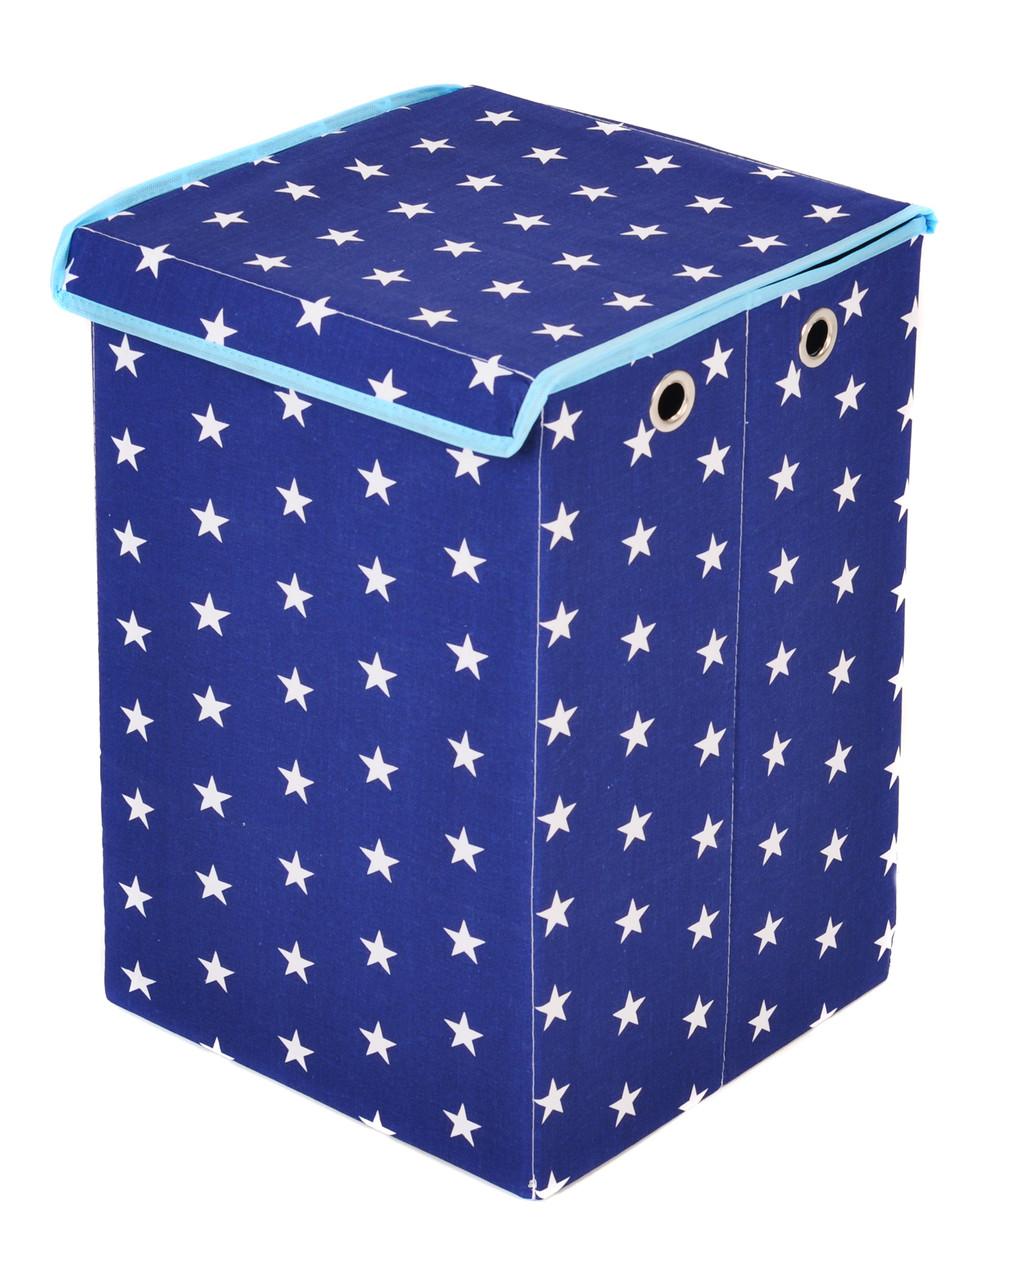 Детский ящик для игрушек Звезды на синем, 30*30 см